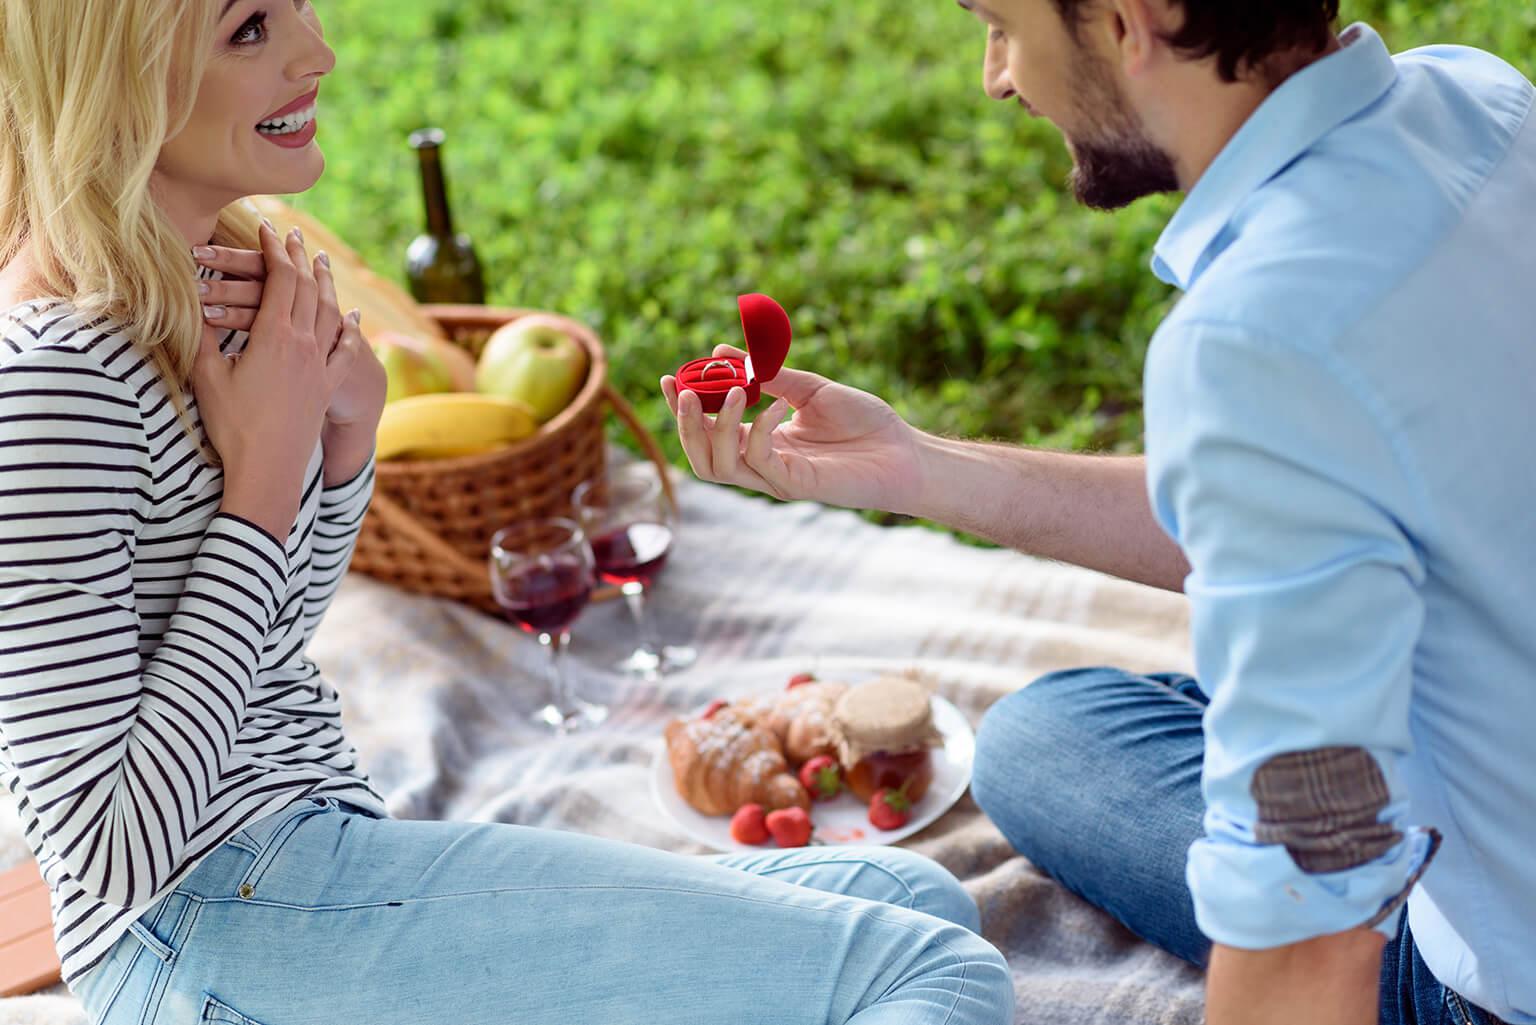 Chico feliz le propone matrimonio a su novia, mientras disfrutan de un picnic romántico, en una de las formas más originales de pedir matrimonio